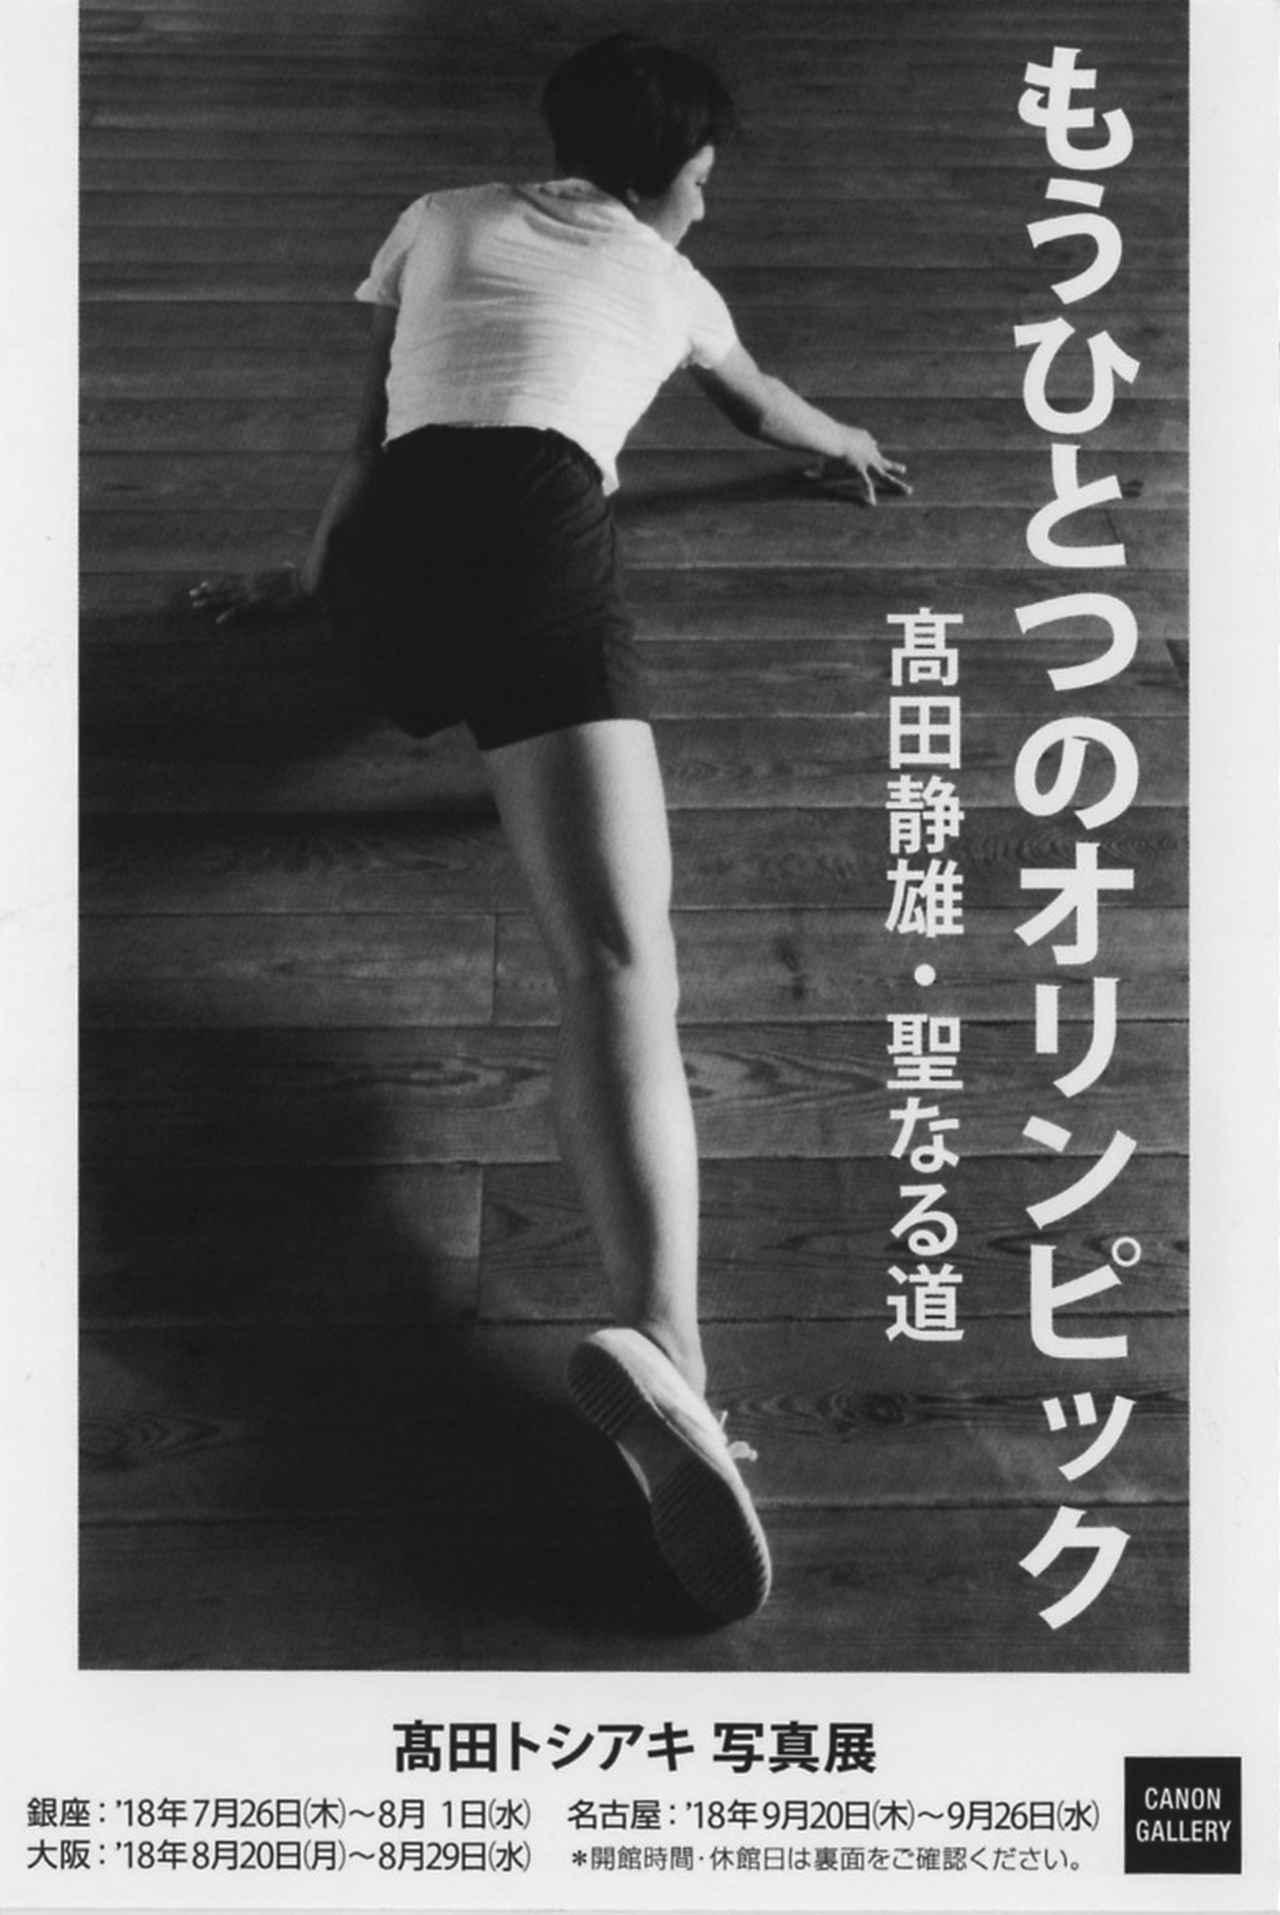 画像: cweb.canon.jp